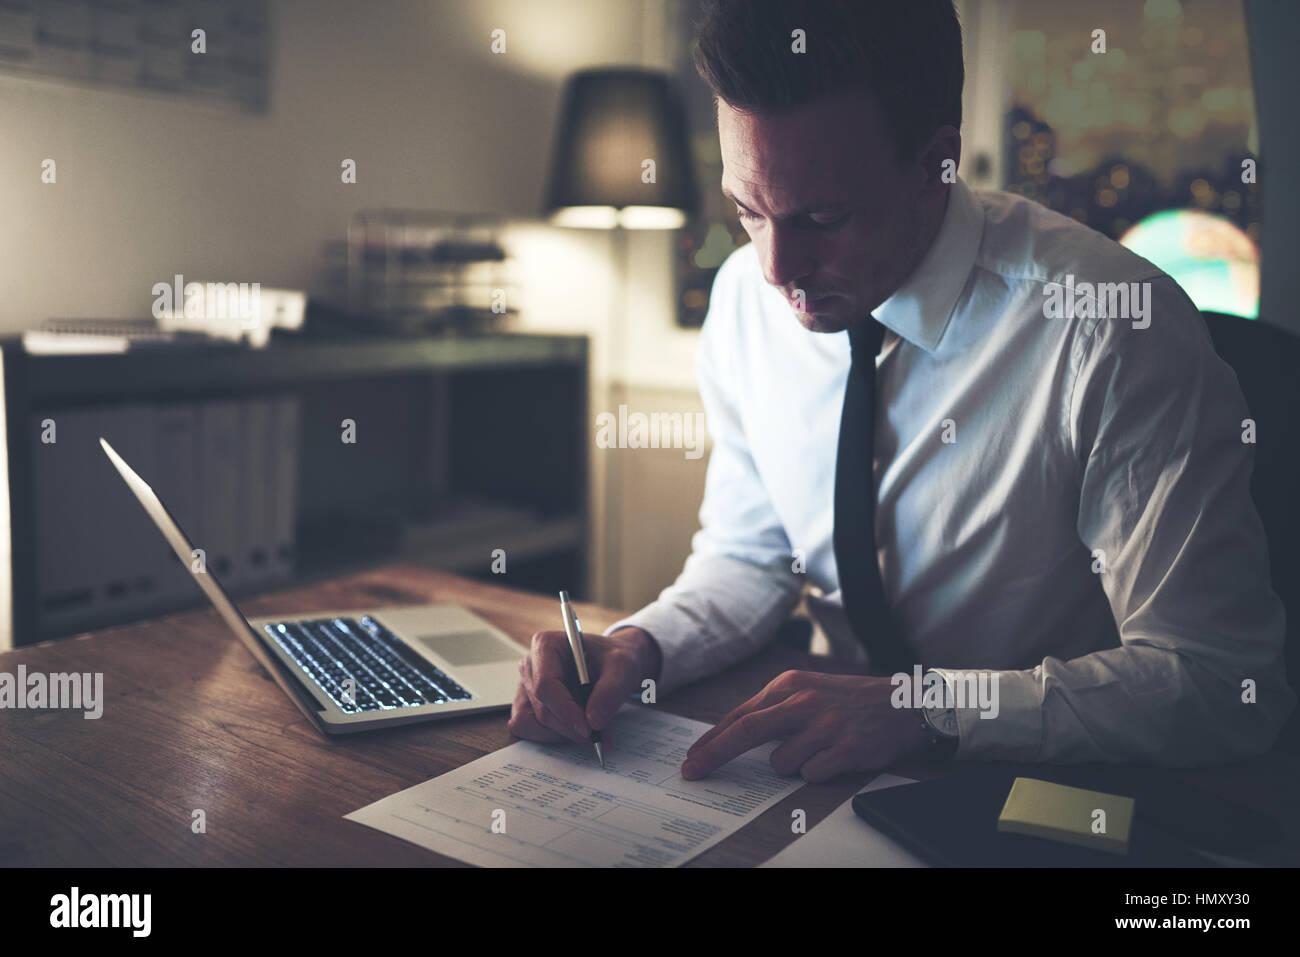 Imprenditore lavorare concentrati su documenti di notte, lavoro straordinario in ufficio Immagini Stock